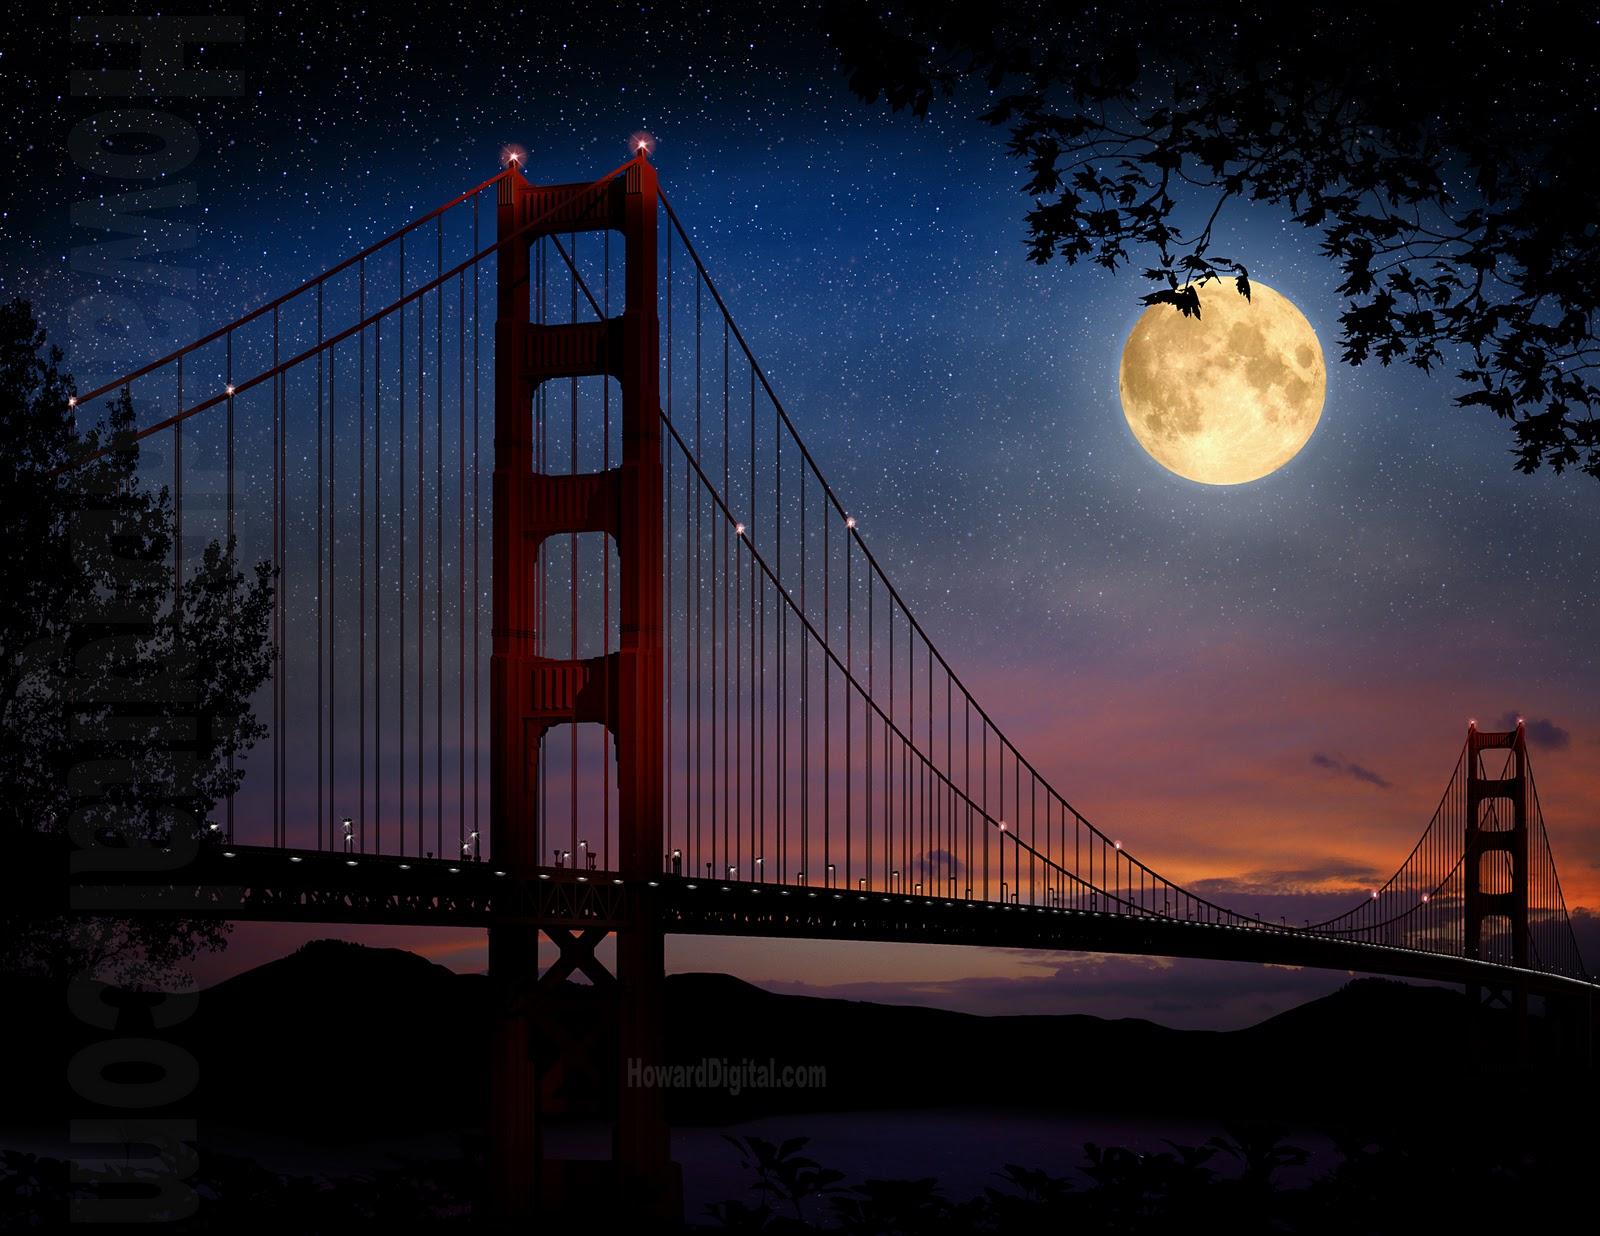 Ather 10 jembatan indah di lihat dari for Golden night